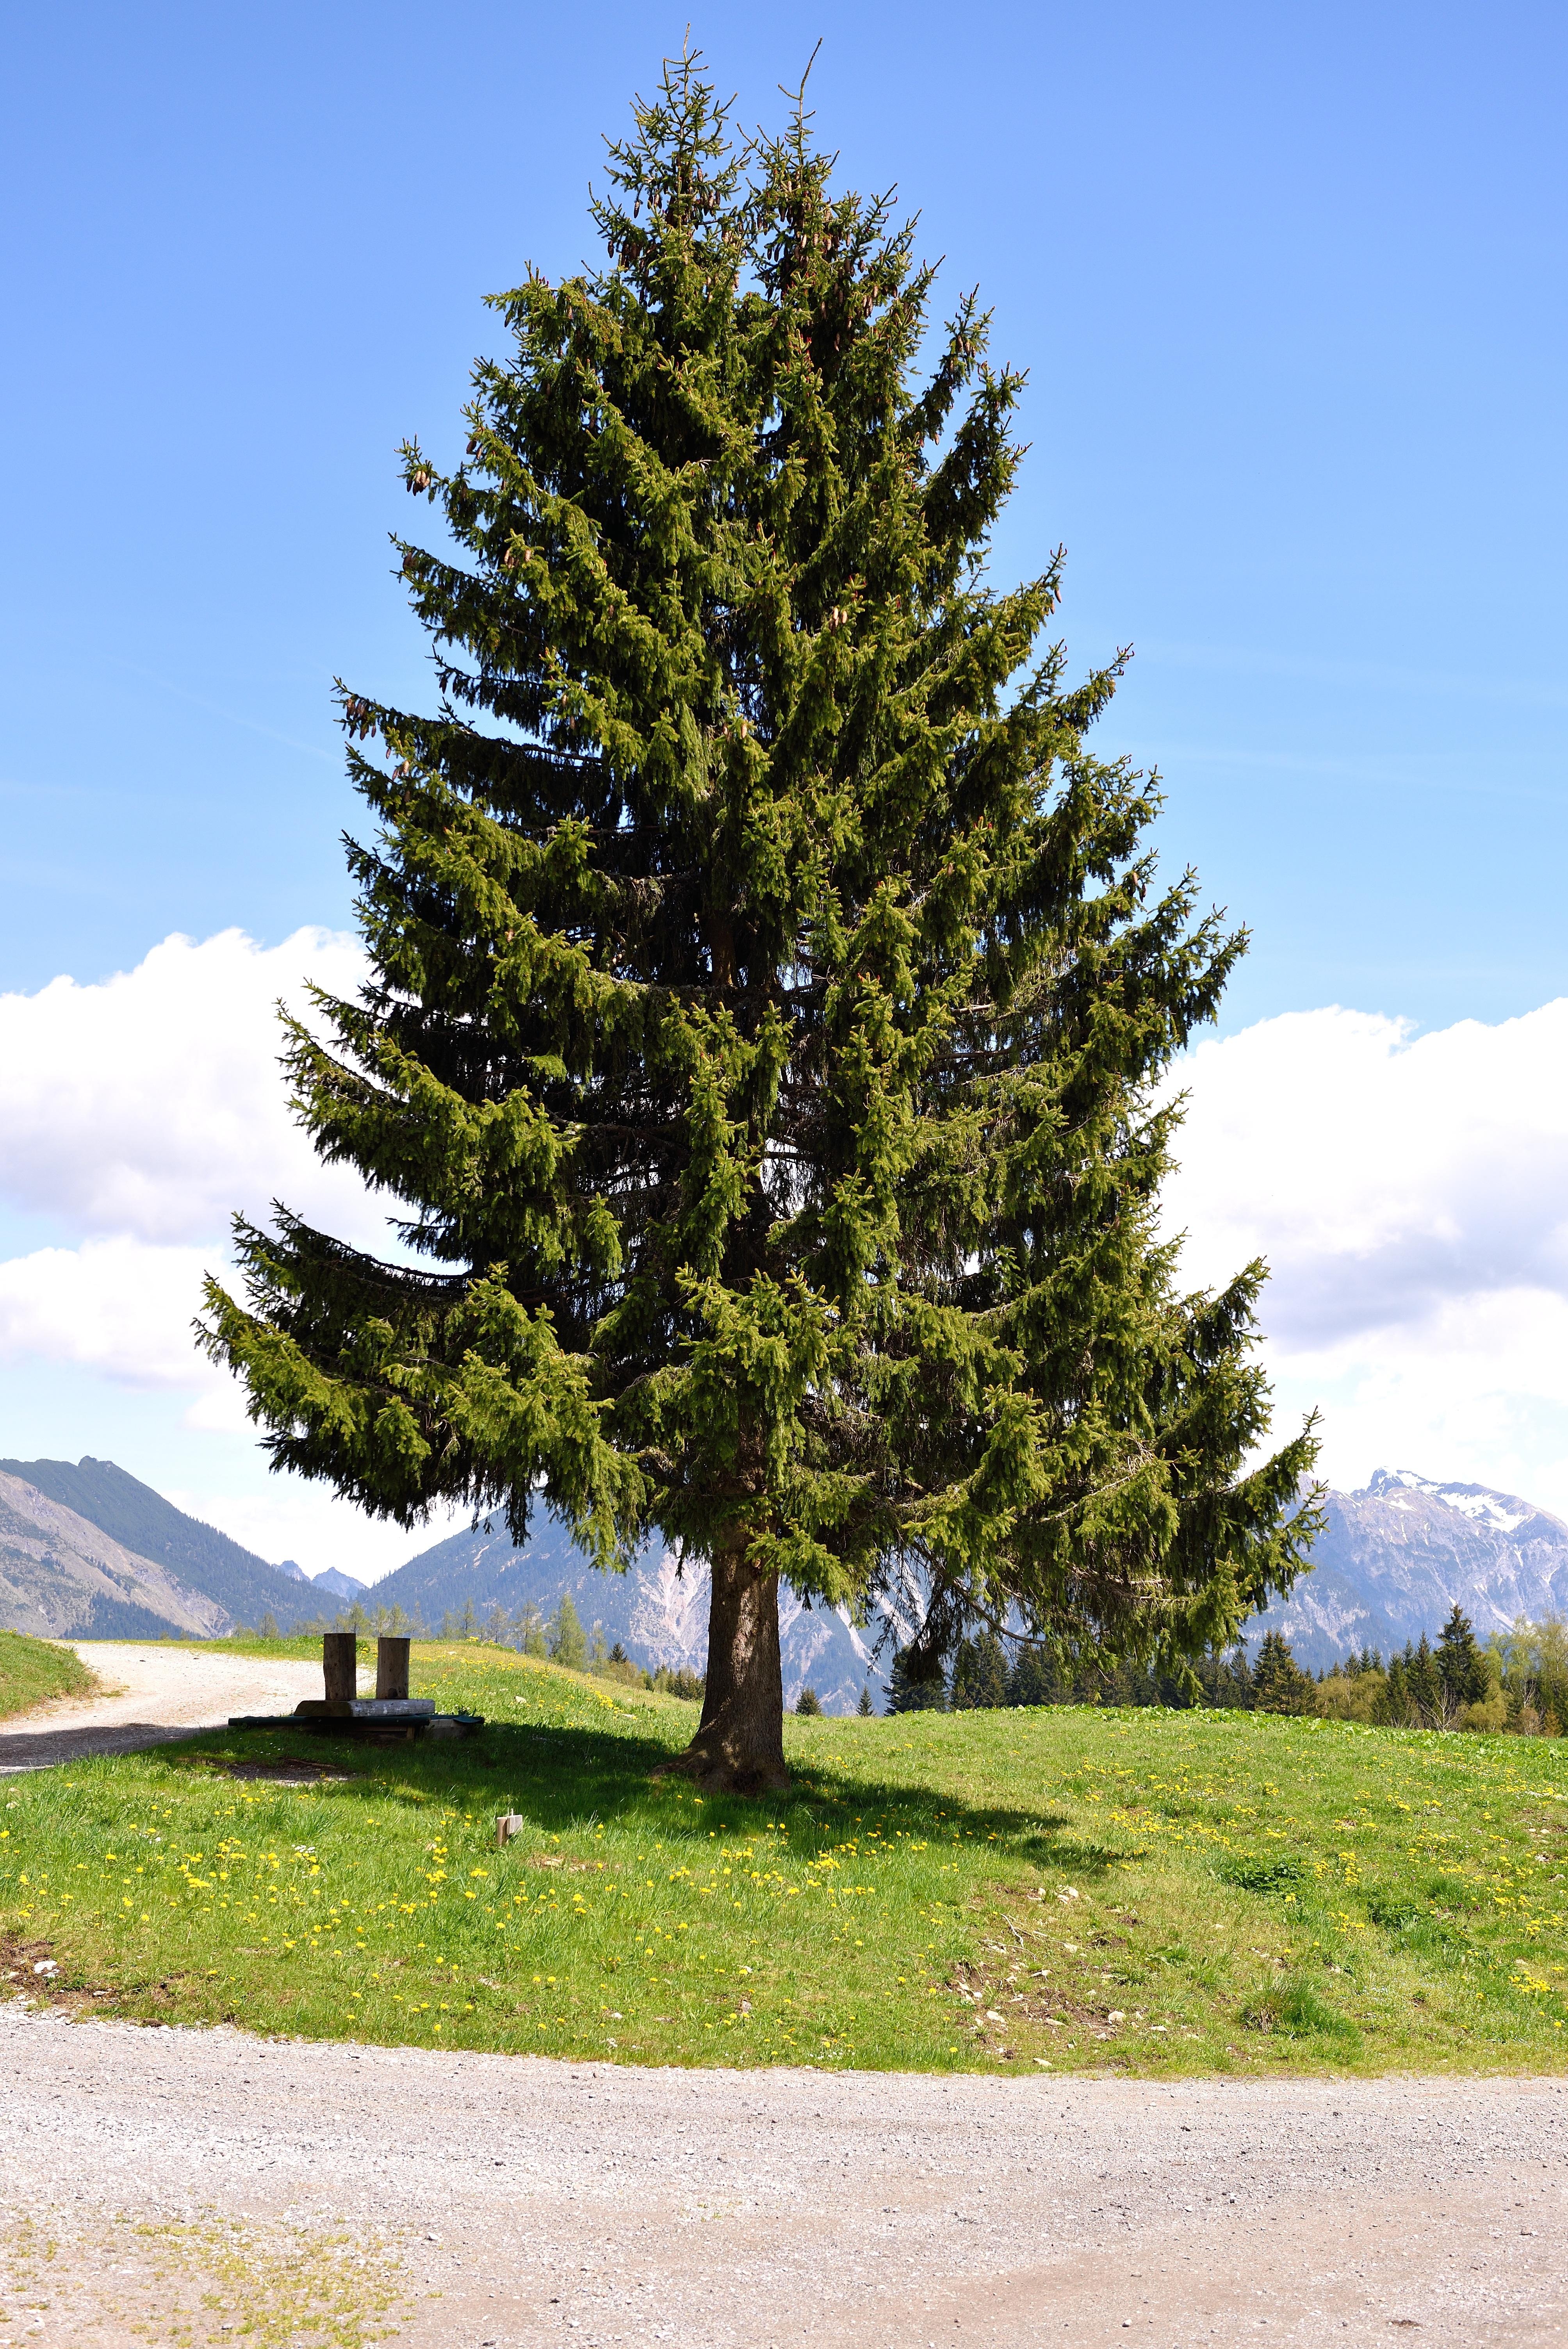 Fotos gratis paisaje naturaleza rama hojas perennes abeto rbol de navidad con fera - Arbol de navidad abeto ...